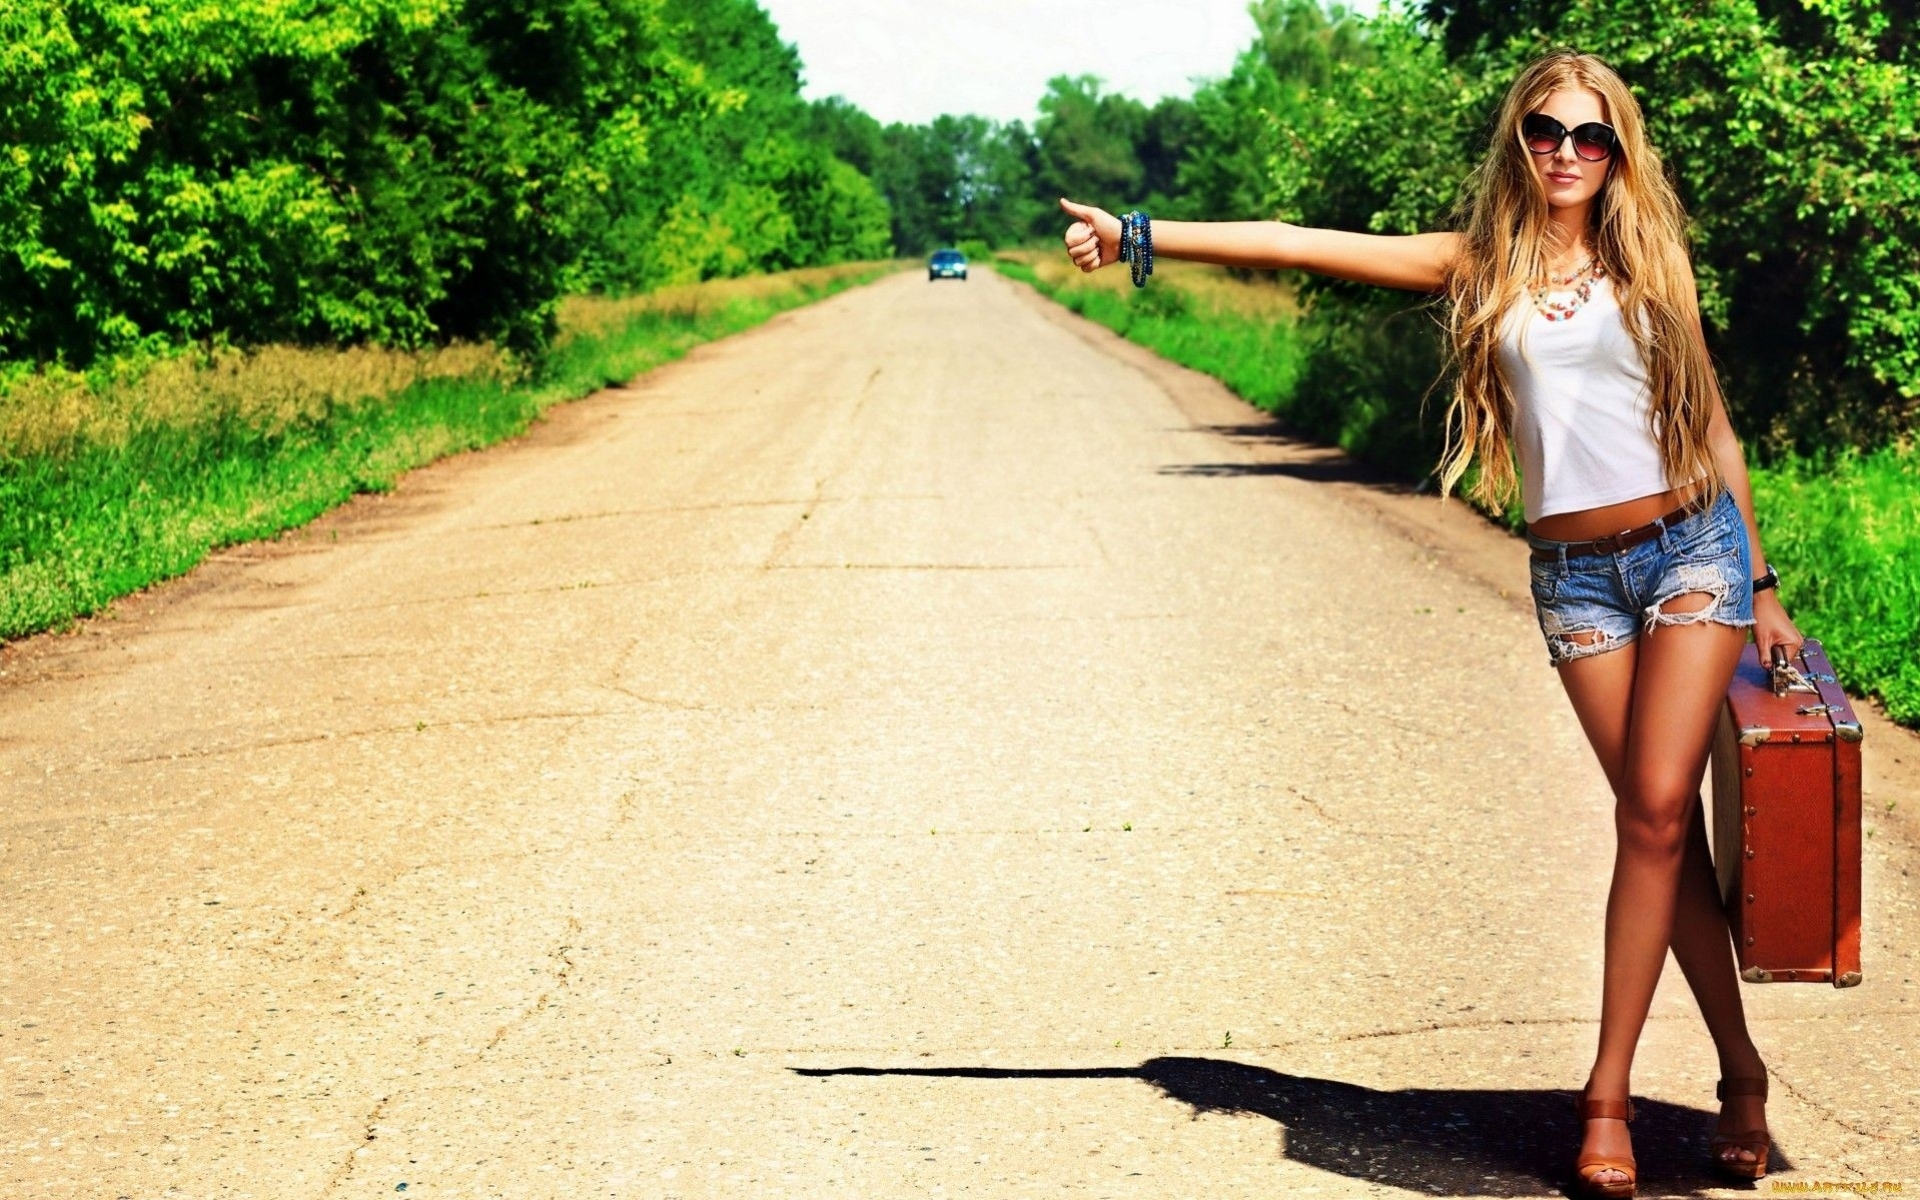 Частное фото девушек на фоне дороги 25 фотография